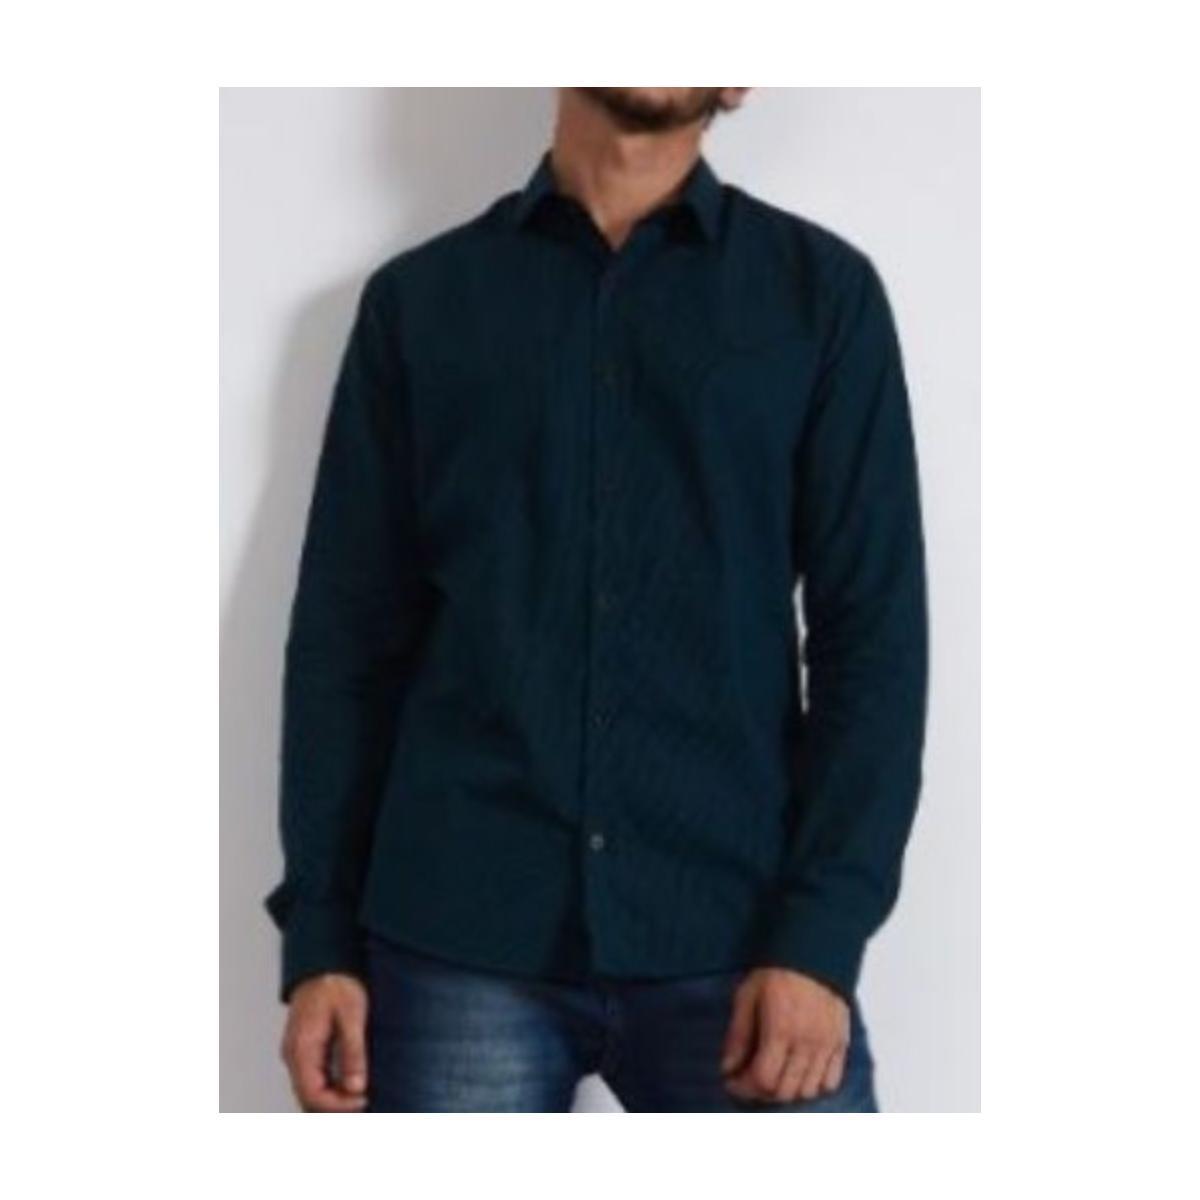 Camisa Masculina Colcci 310103795 Vc72 Verde Escuro